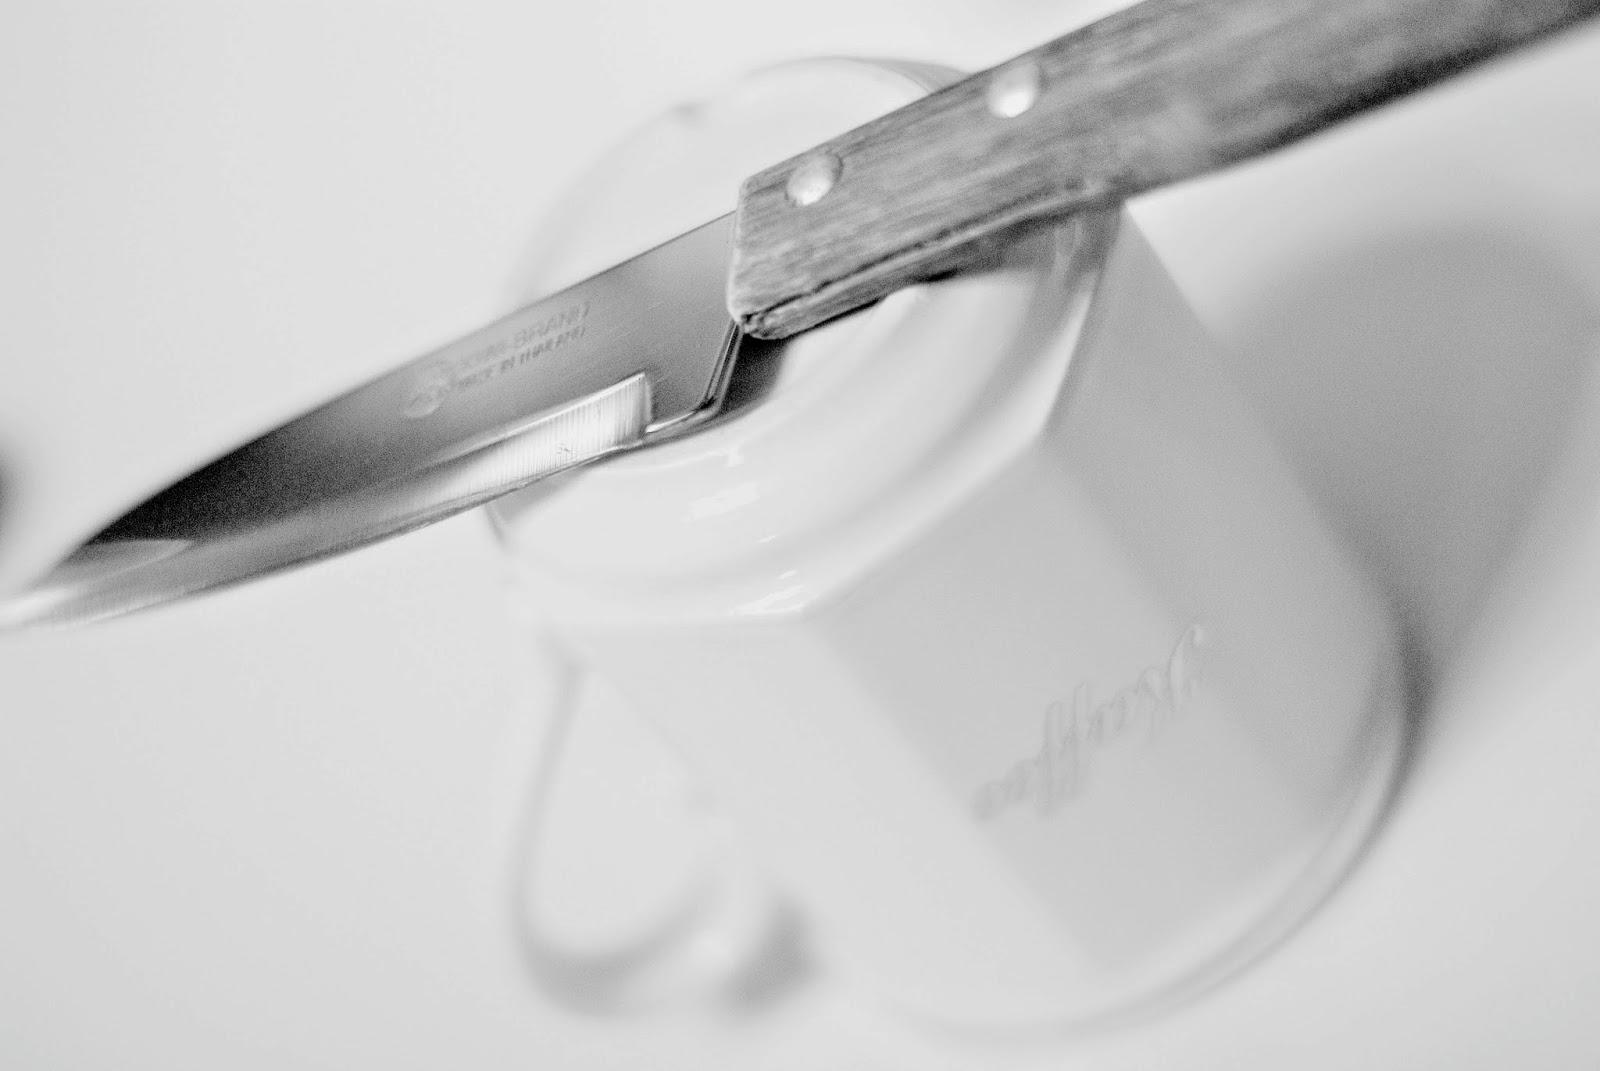 Messer schärfen an der Kaffeetasse